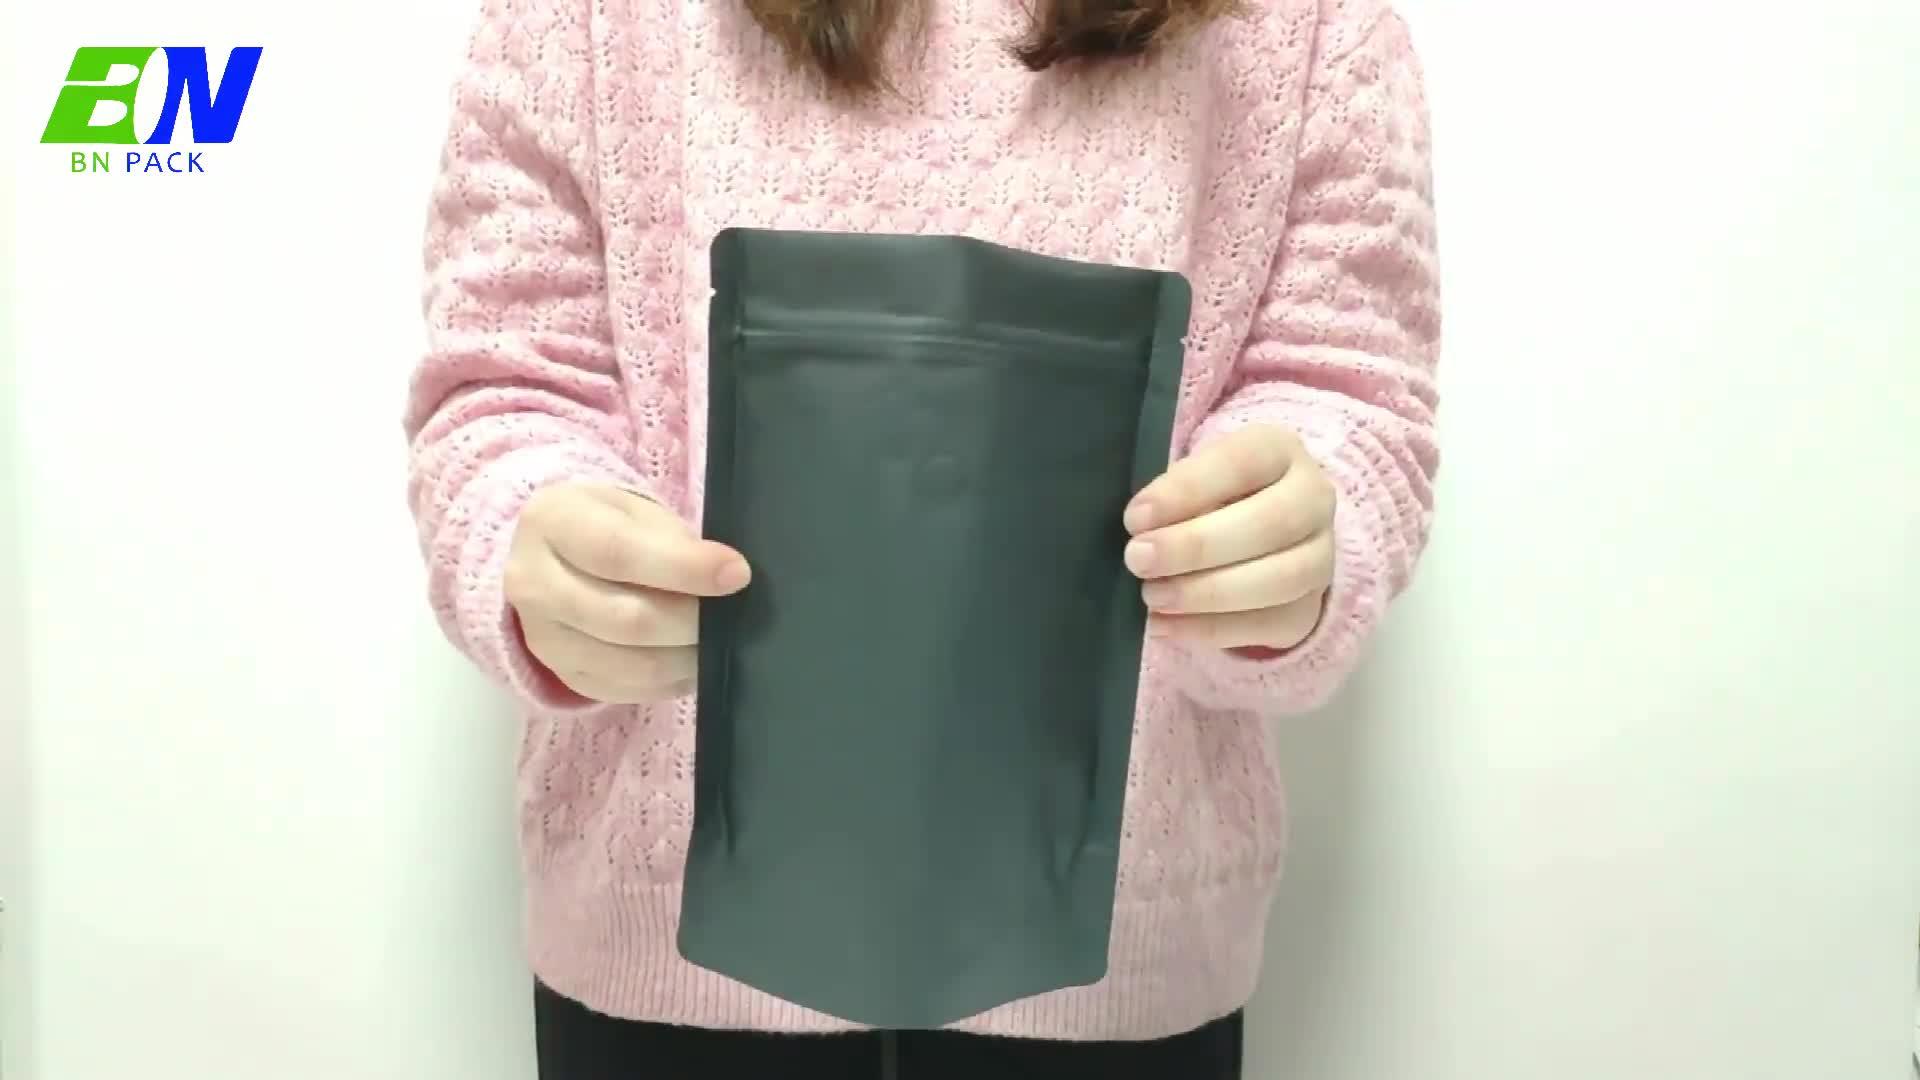 Commercio all'ingrosso 250g Eco-friendly zip blocco nero Kraft sacchetto di carta di imballaggio alimentare